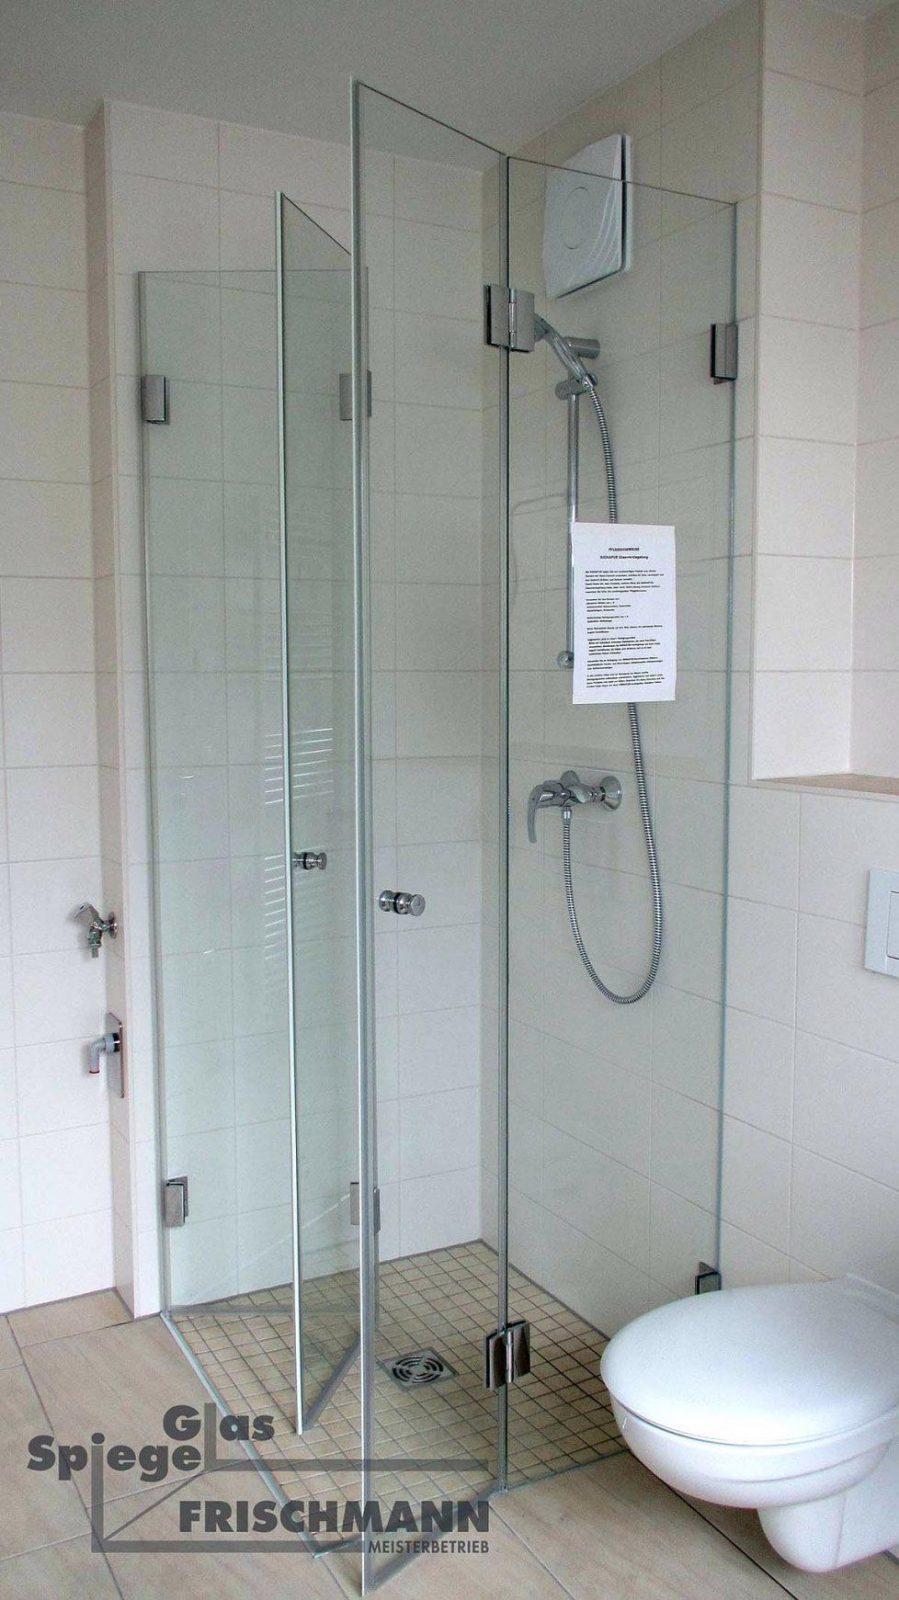 Wandverkleidung dusche ohne fliesen haus design ideen - Dusche beleuchtung wand ...